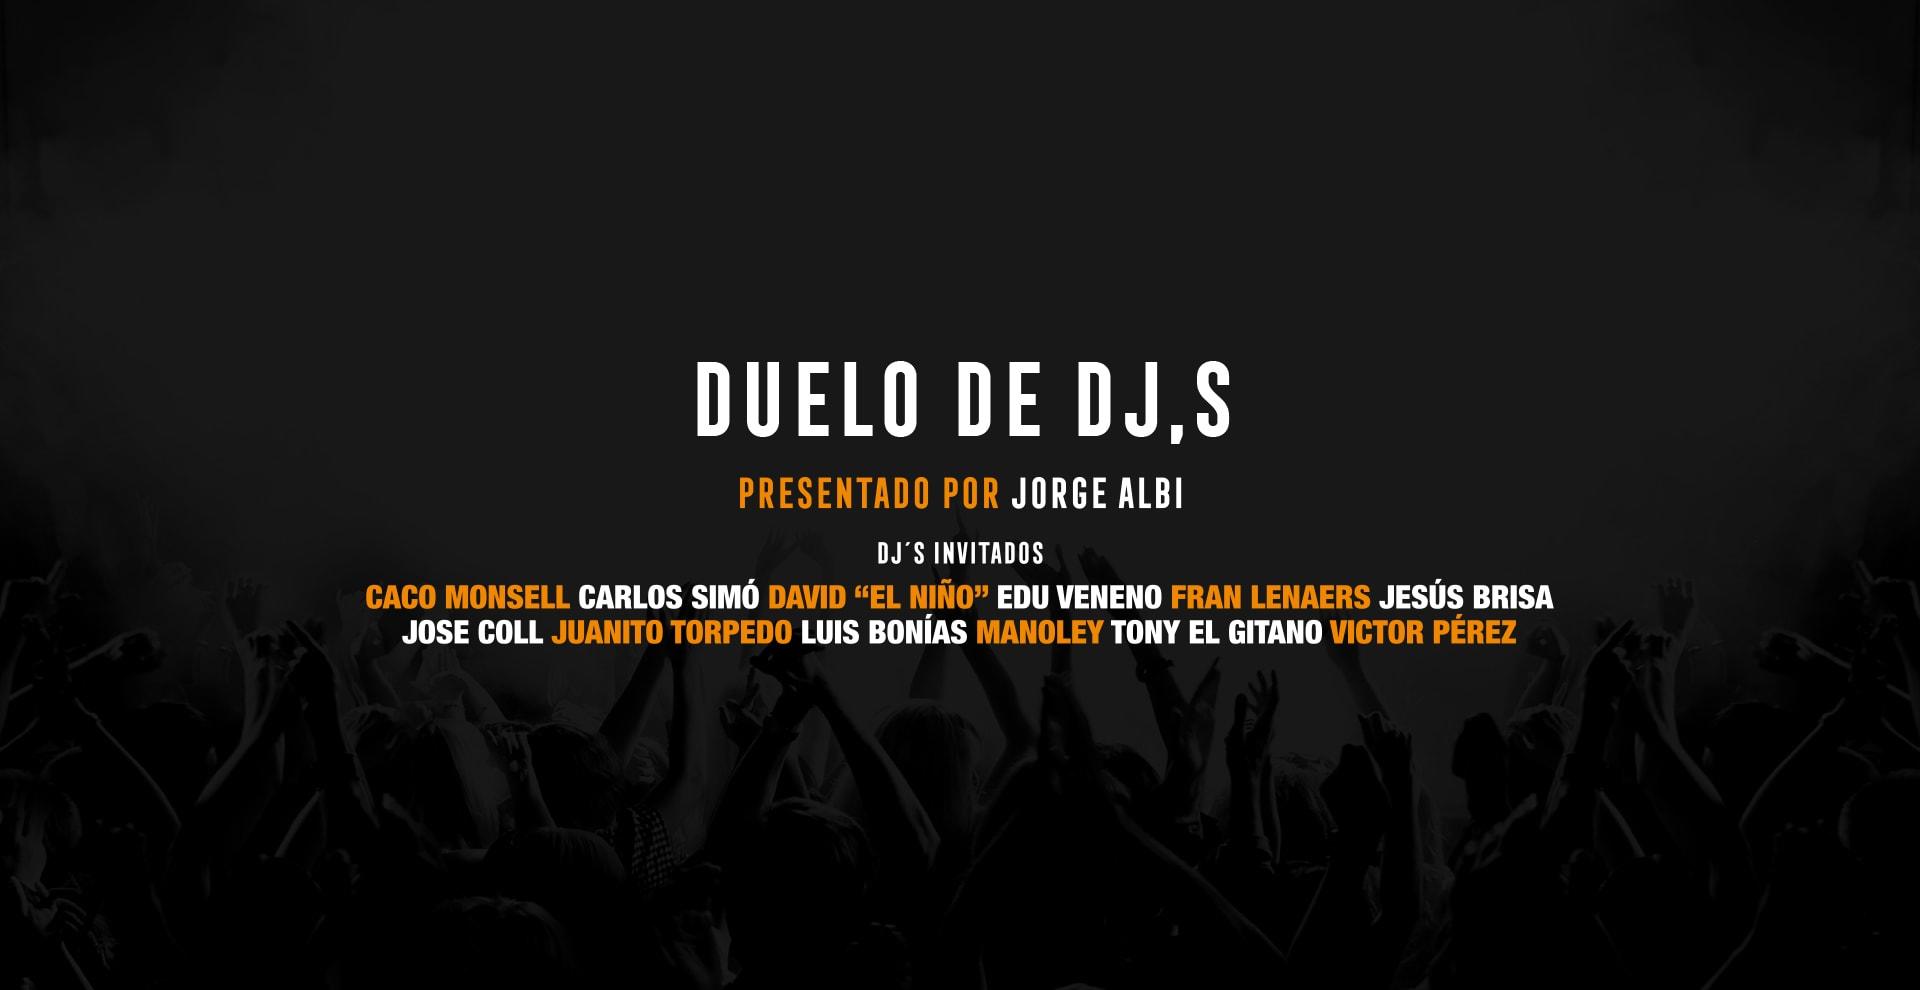 Duelo de DJs